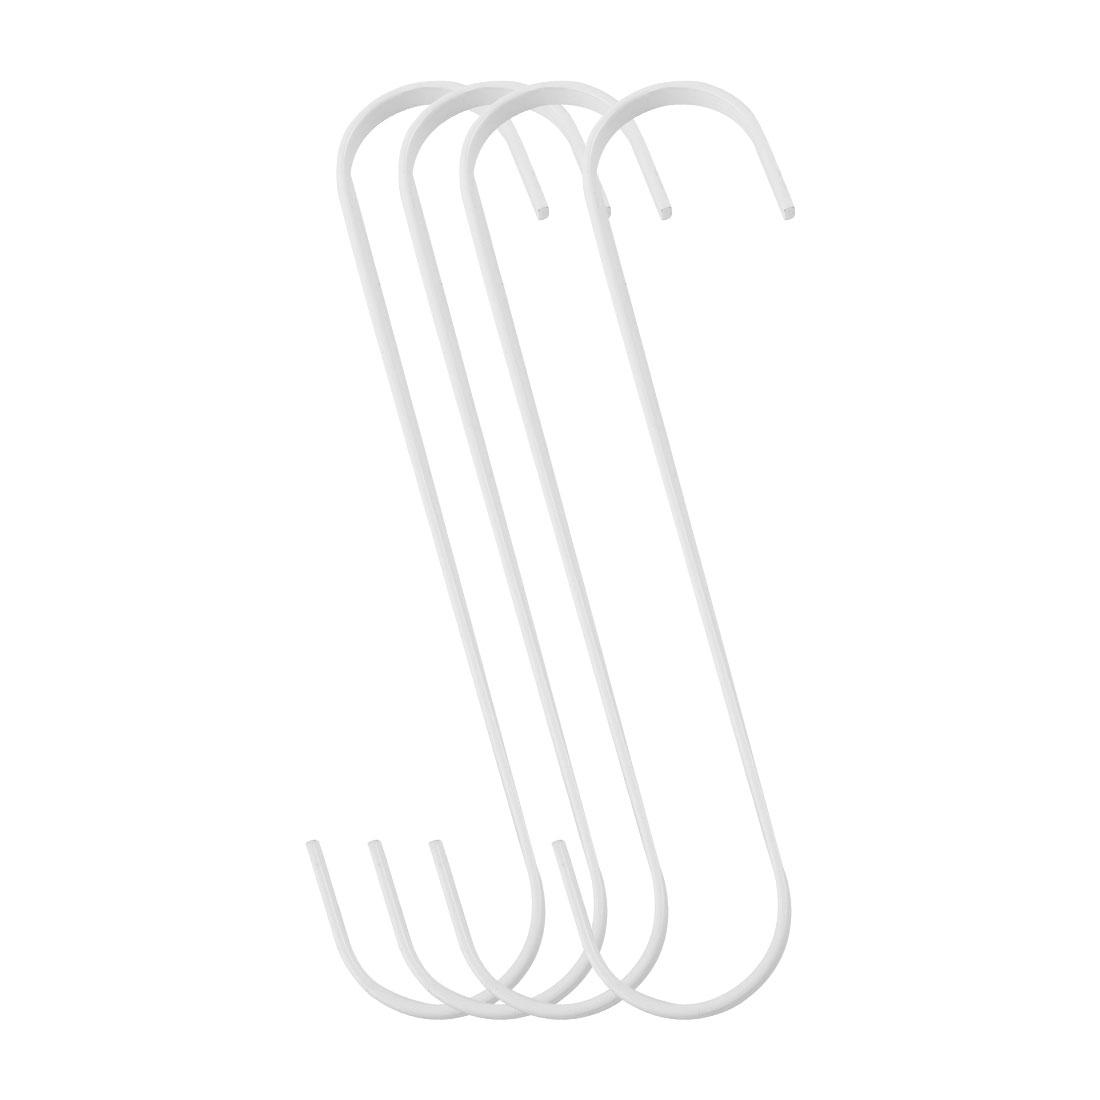 4pcs S Shape Hook Rack Stainless Steel for Pot Utensils Coat Towel Holder White